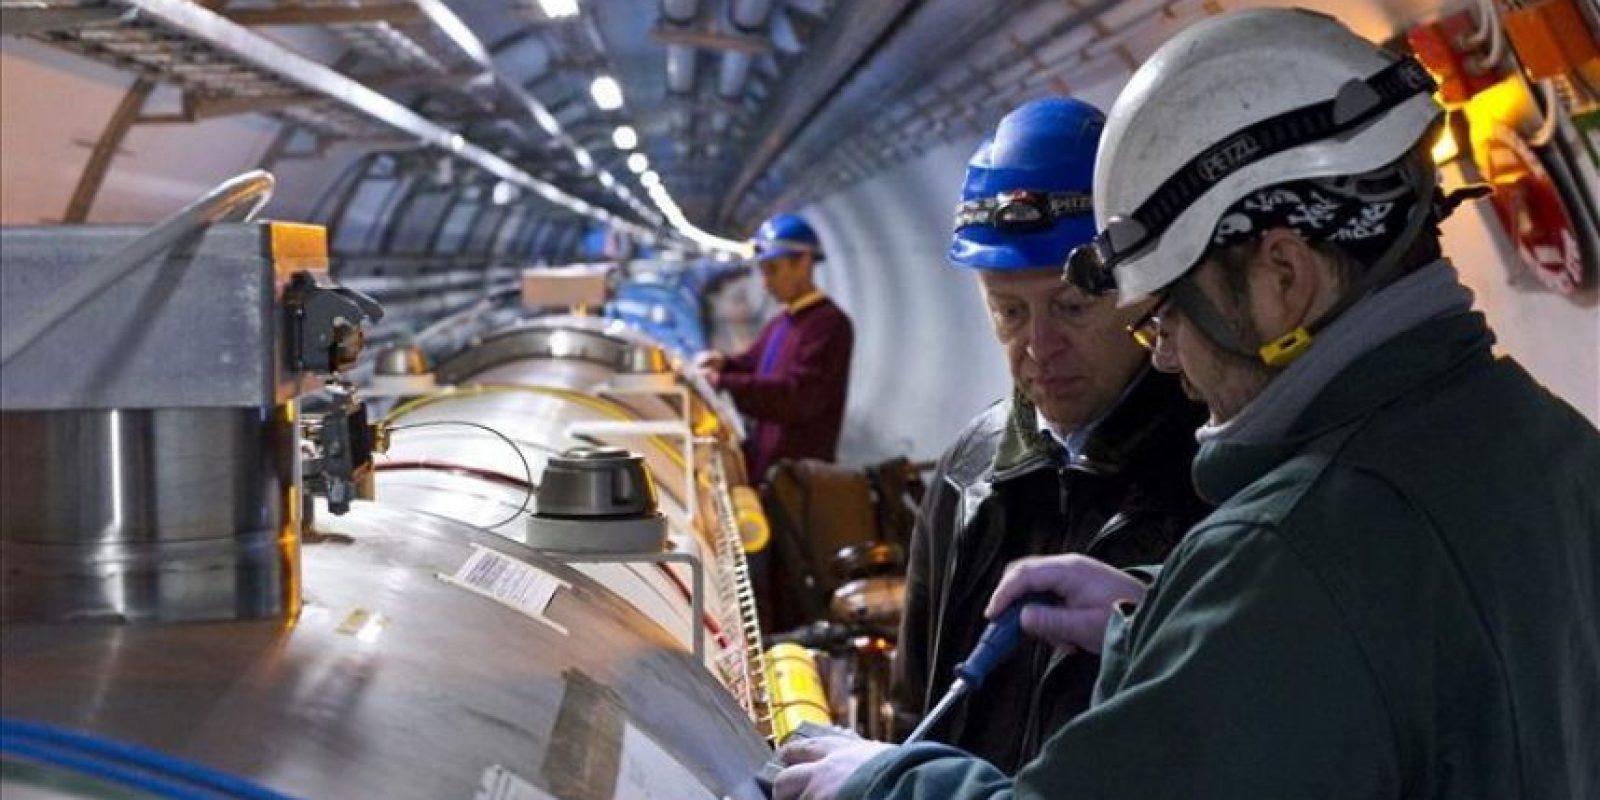 Fotografía facilitada hoy por el Centro Europeo de Investigación Nuclear (CERN) de tres operarios trabajando en el Gran Acelerador de Hadrones (LCH), que acaba de ser reencendido tras dos meses de parada técnica. EFE